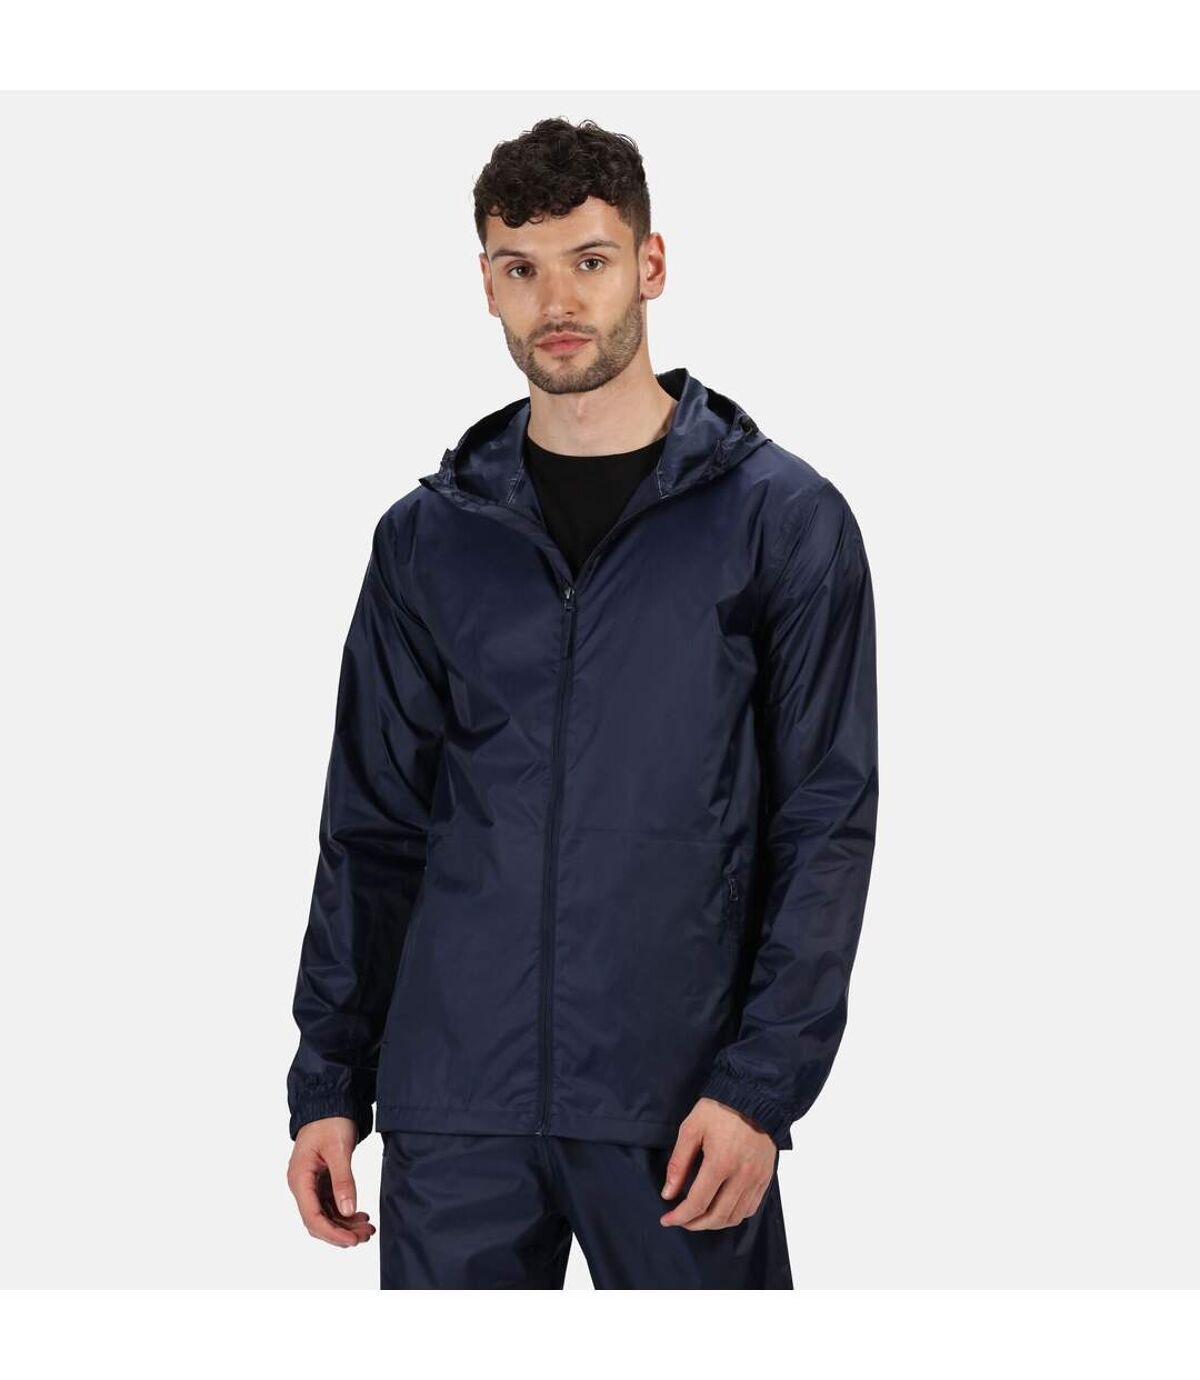 Regatta Pro Mens Packaway Waterproof Breathable Jacket (Navy) - UTPC2994